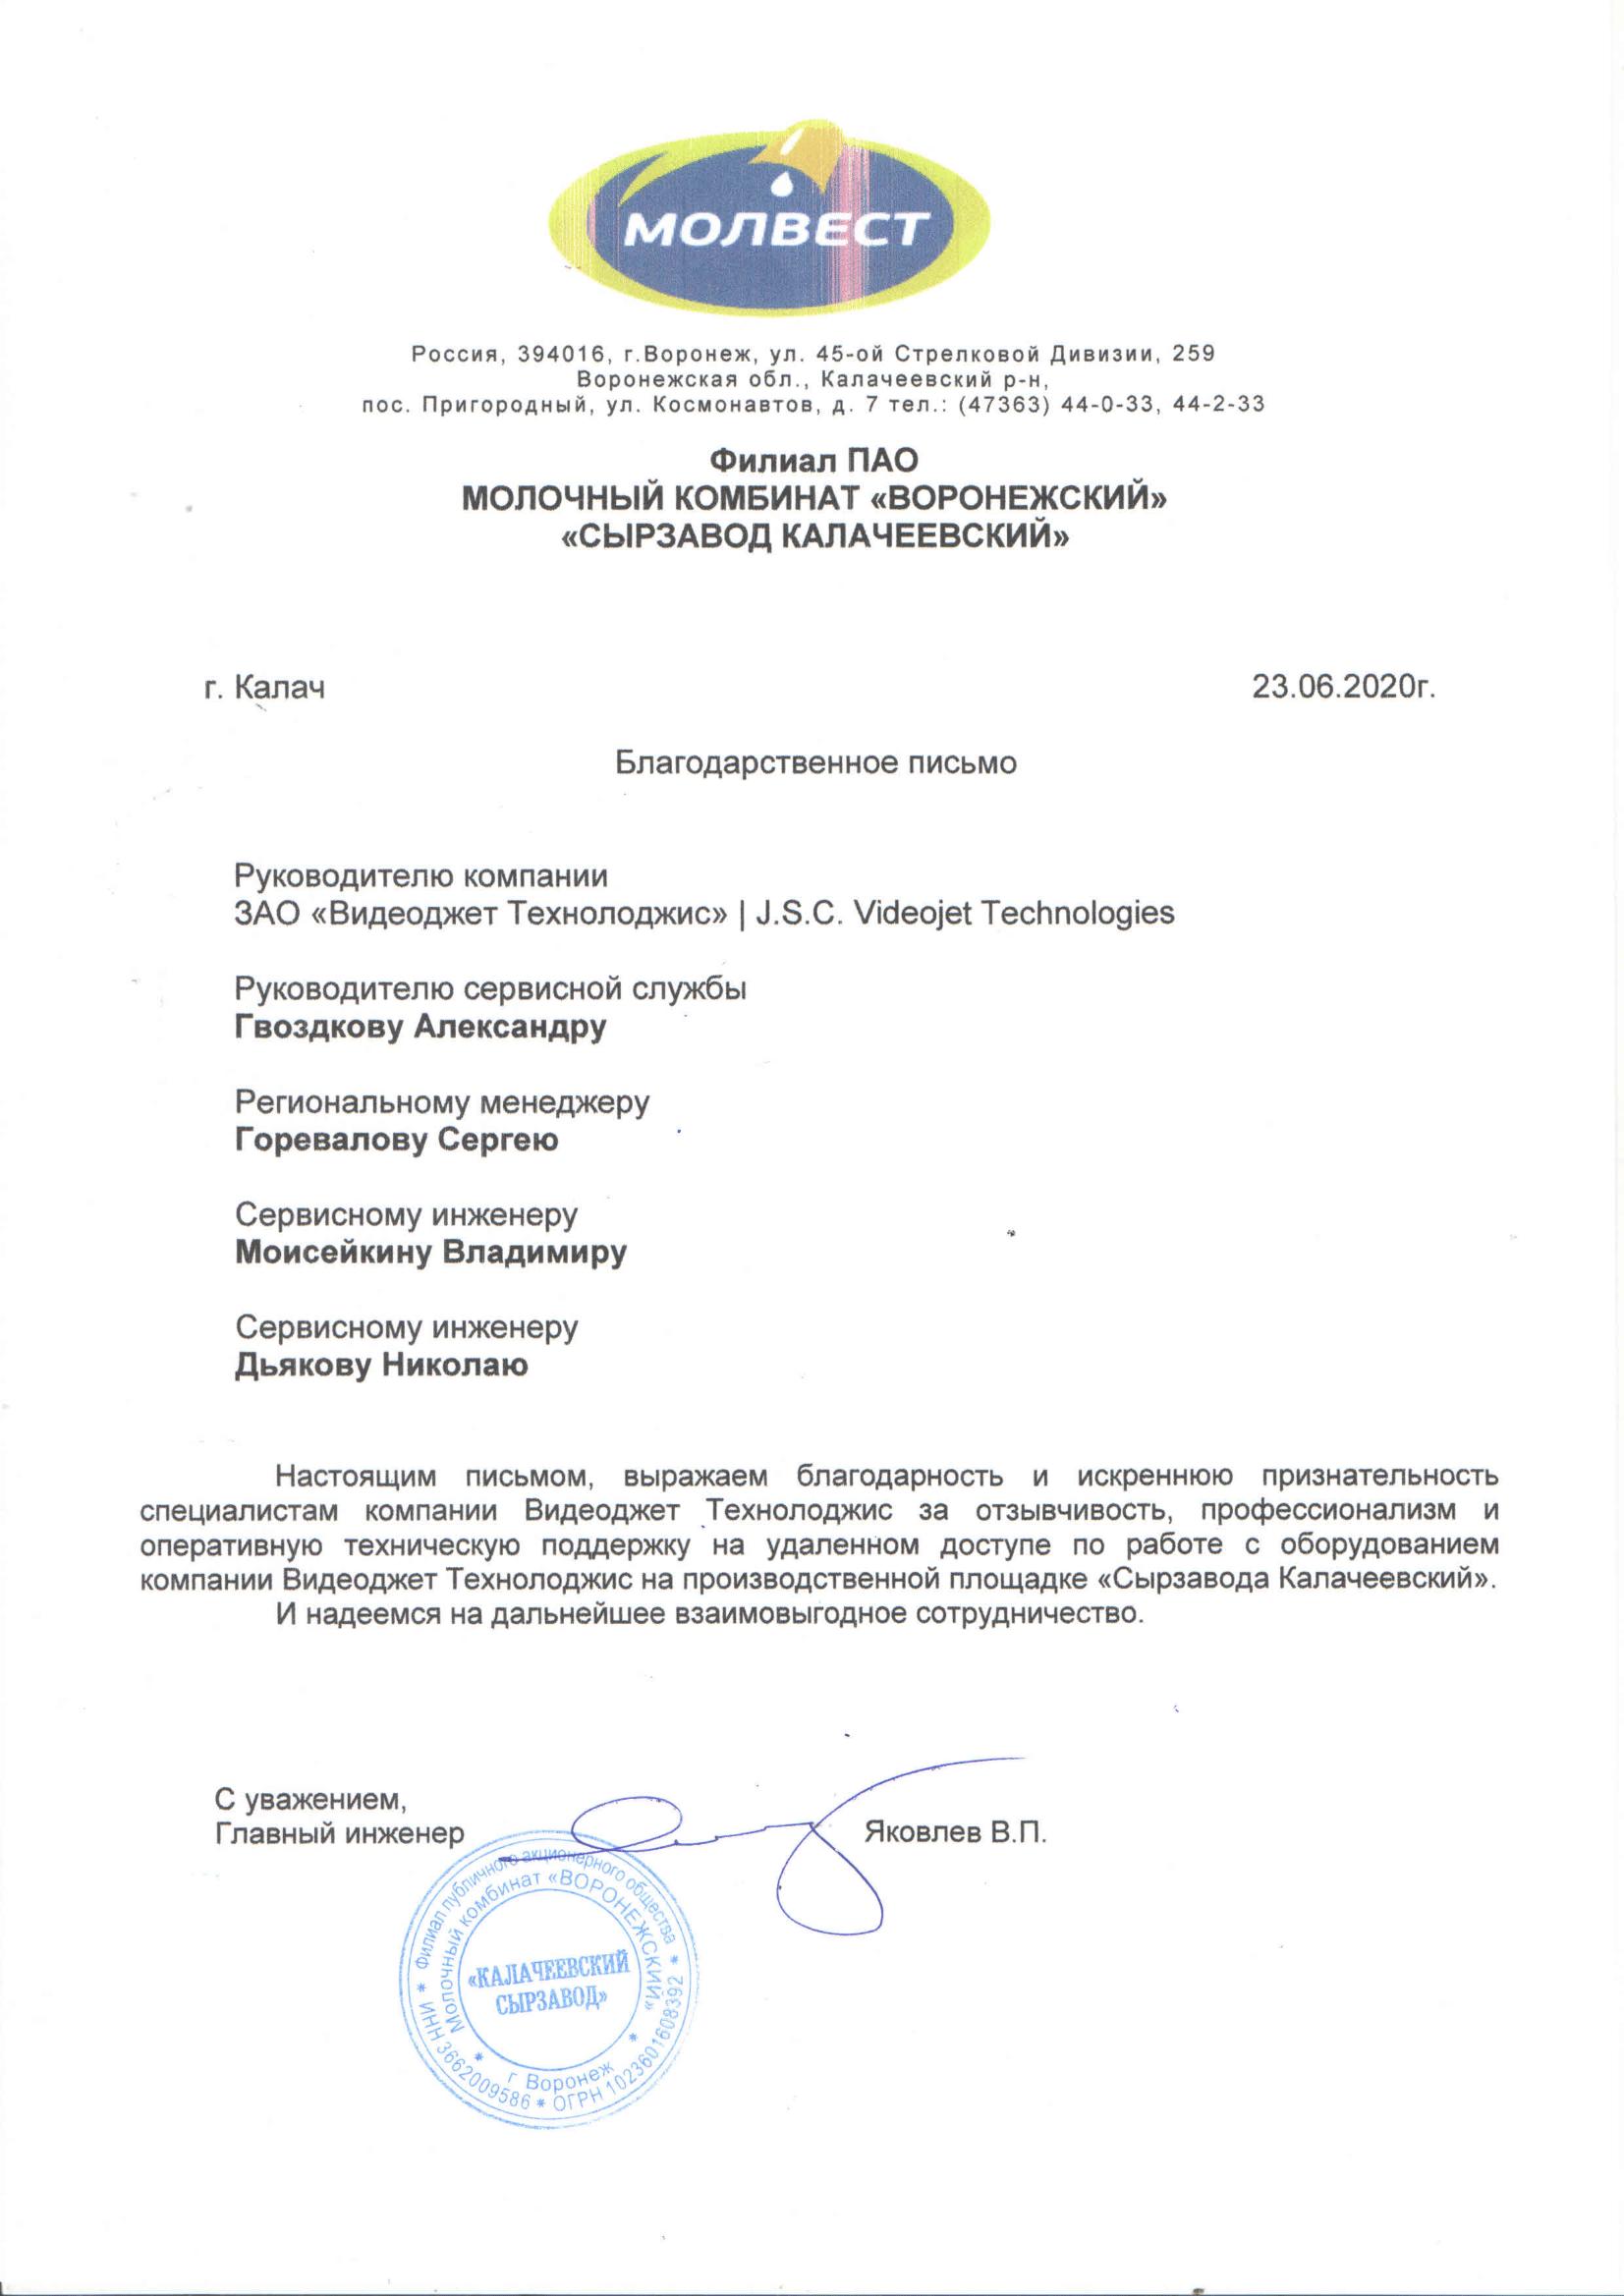 Отзыв компании ПАО Молвест о работе с компанией Videojet